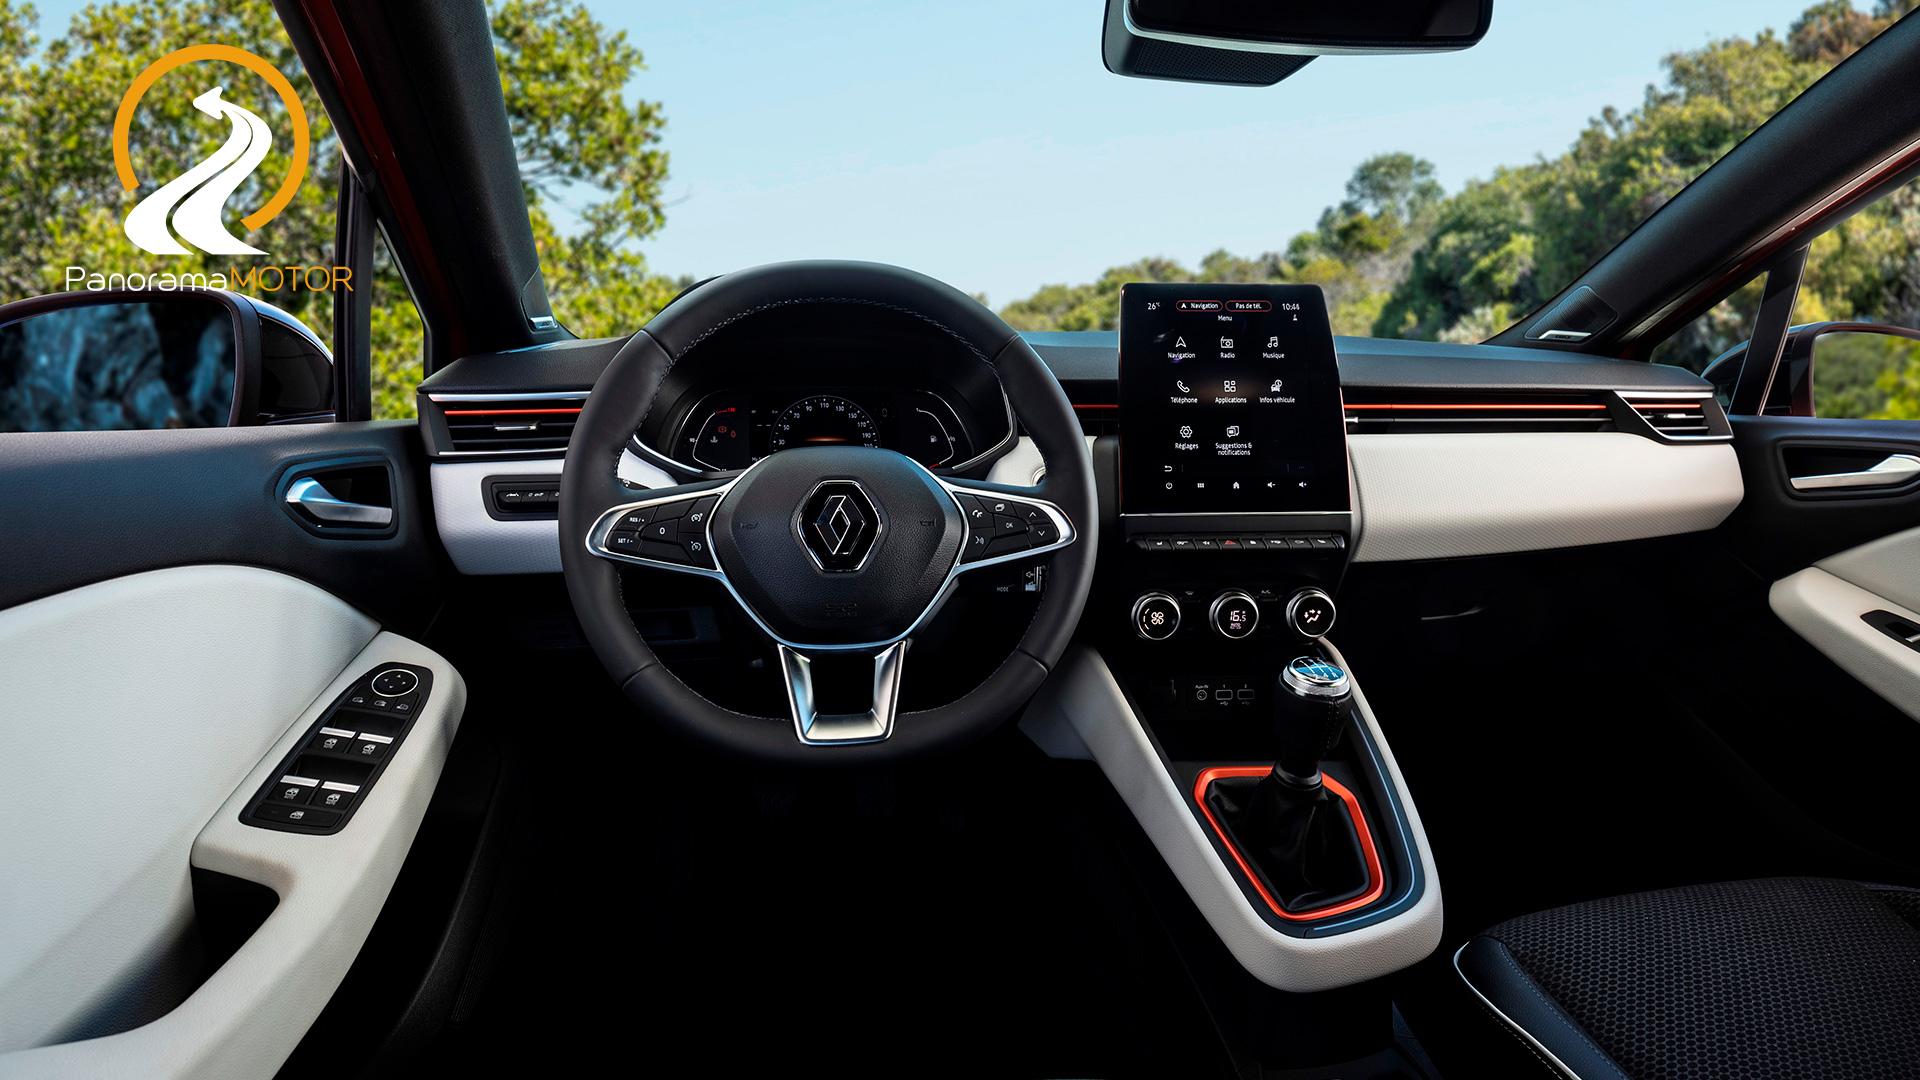 Renault Clio Zen 2019